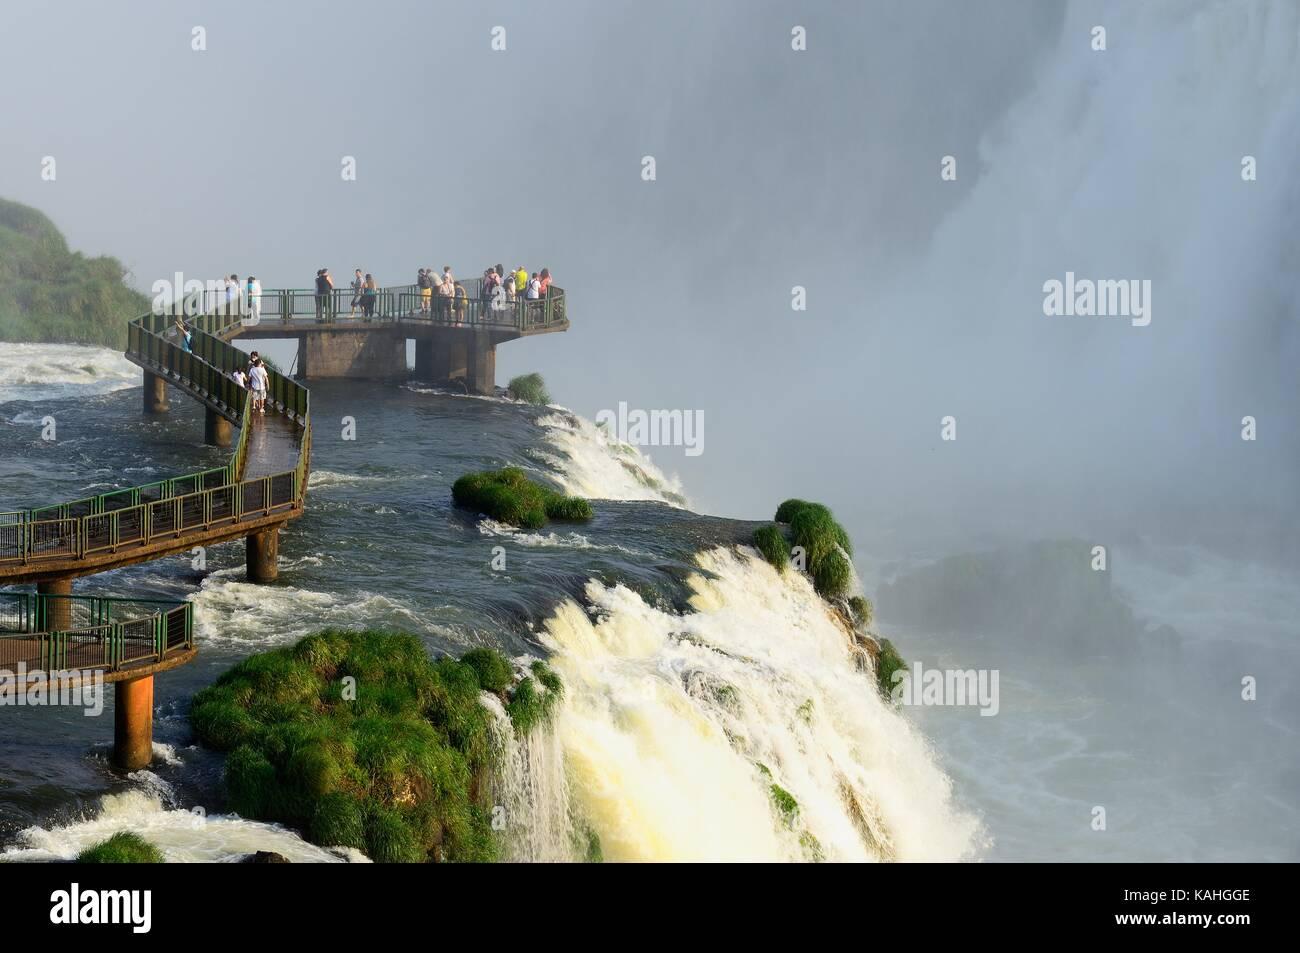 Tourists on a viewing platform, Iguazu waterfalls, Foz do Iguaçu, National Park Iguazú, Paraná, Brazil - Stock Image